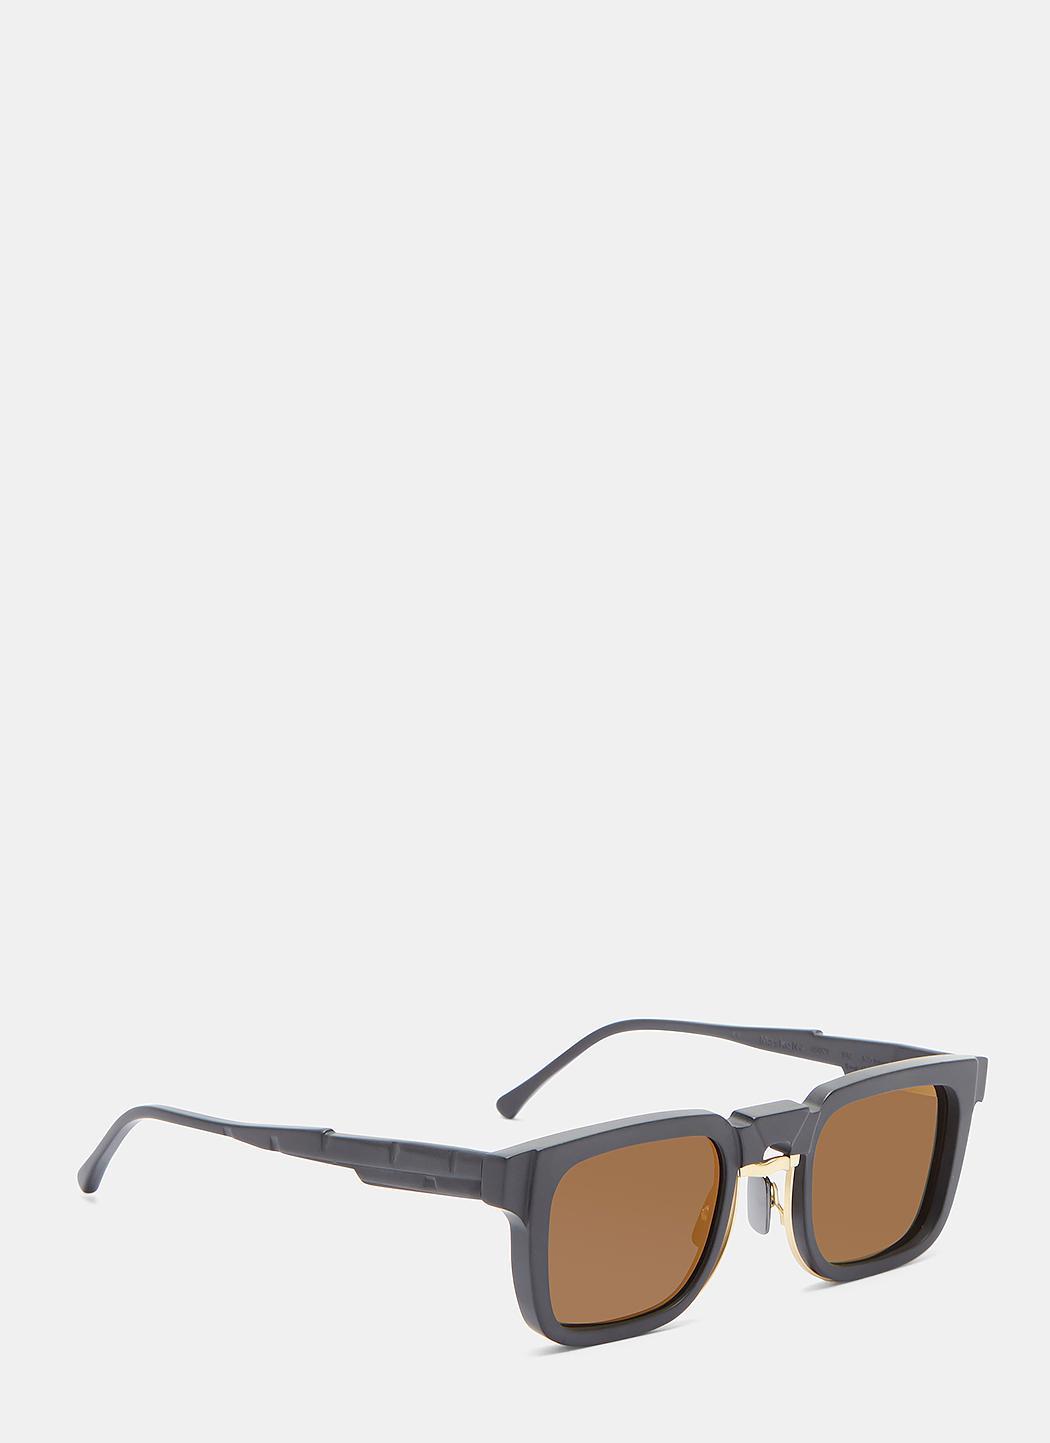 Maske L1 Round Sunglasses Kuboraum 2ONRgp6L